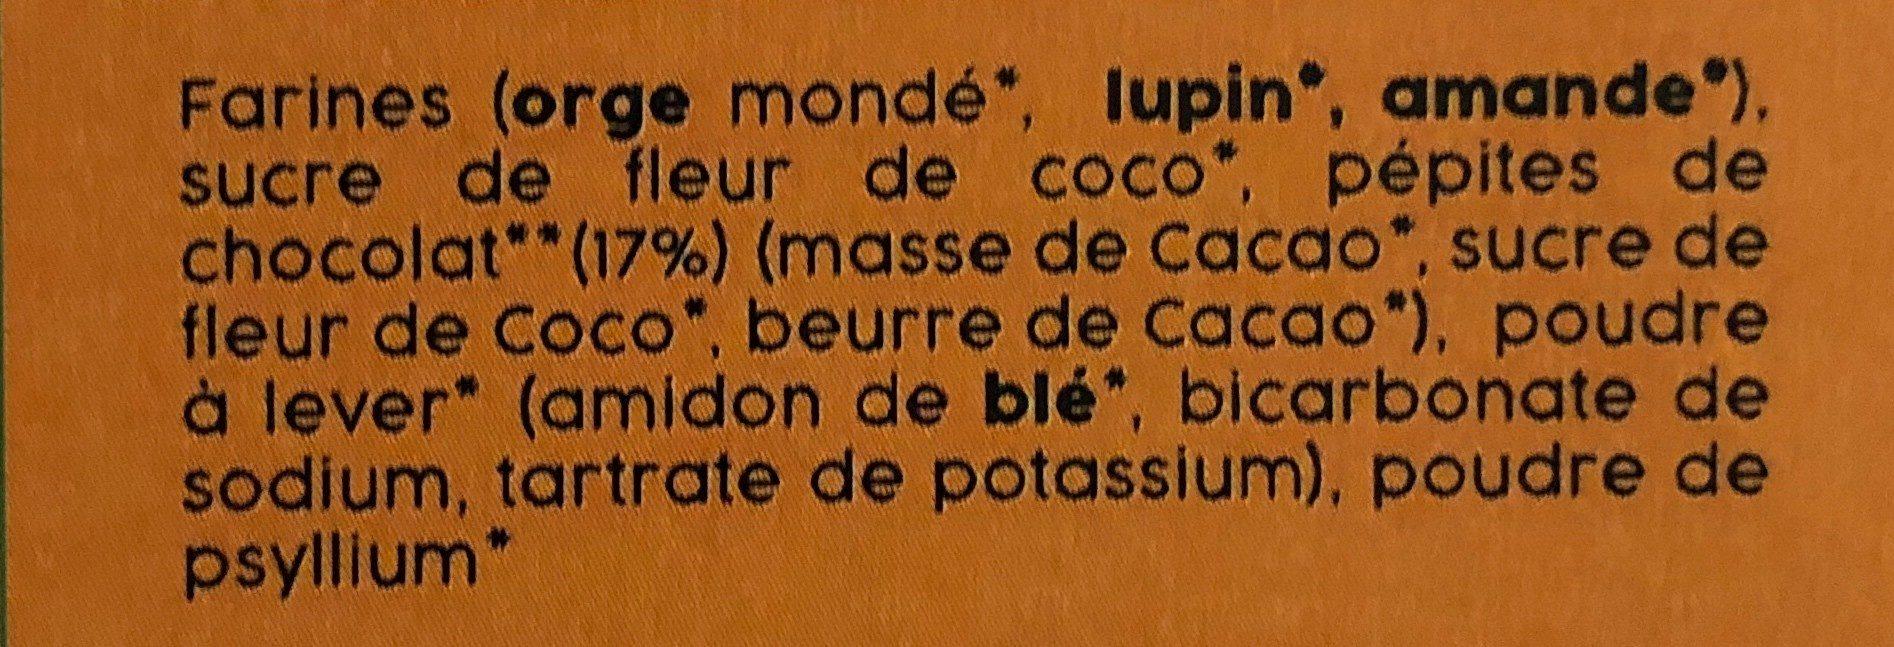 Préparation pour muffins aux pépites de chocolat - Ingrediënten